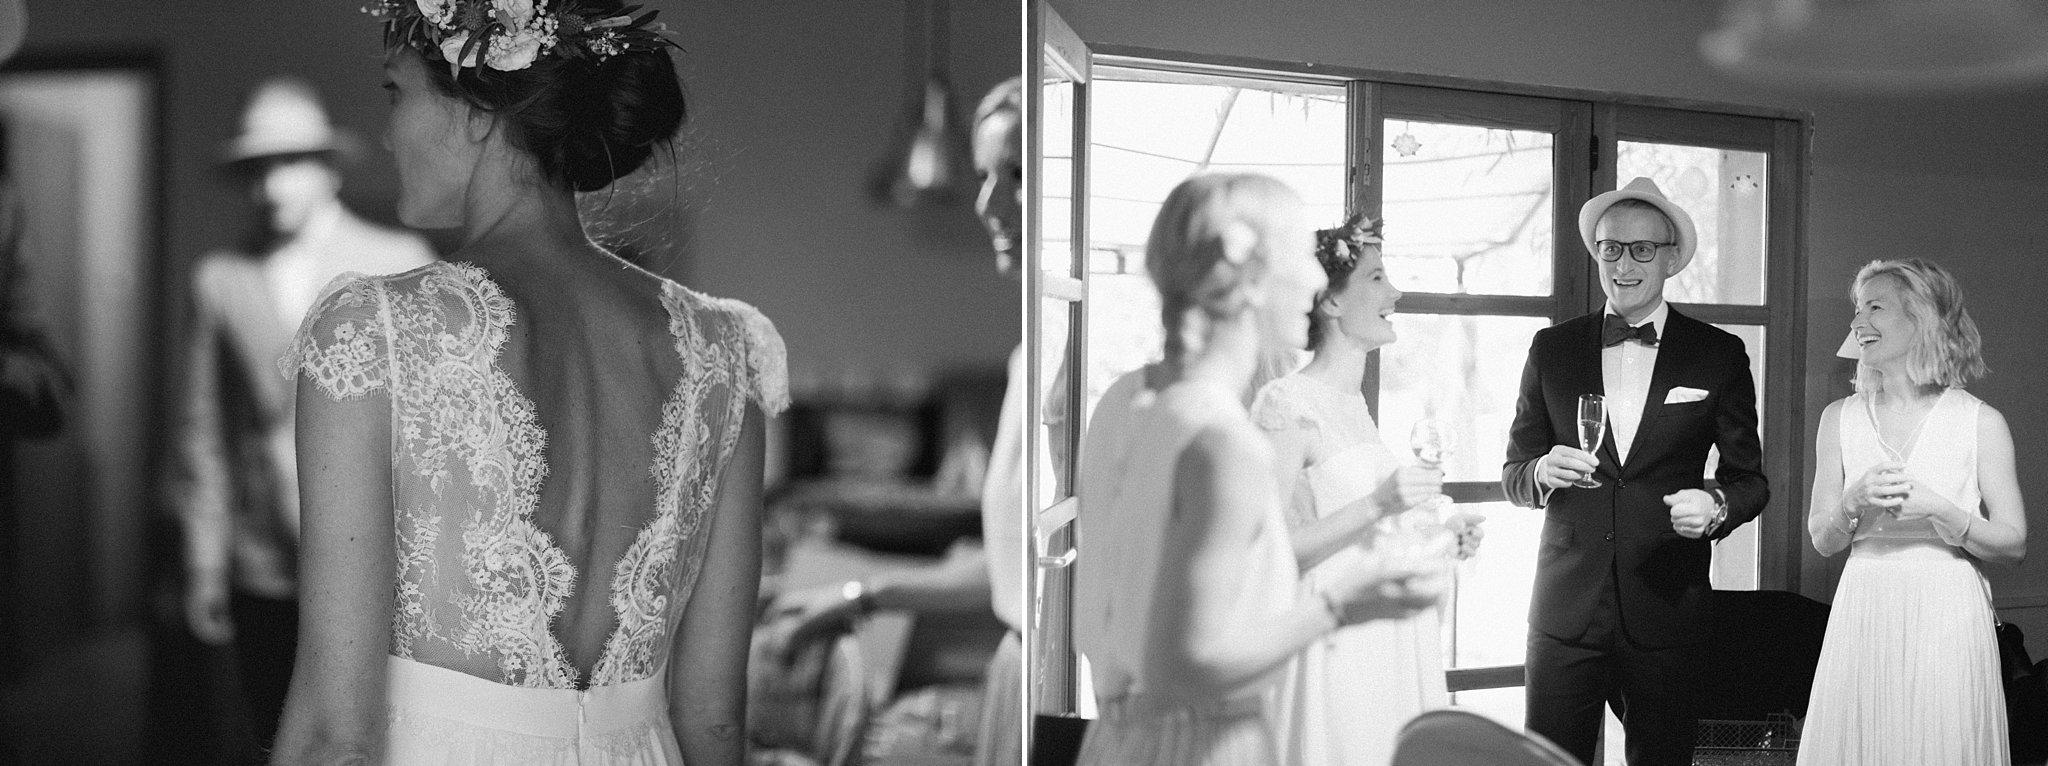 Per & Milli's wedding-0077.jpg